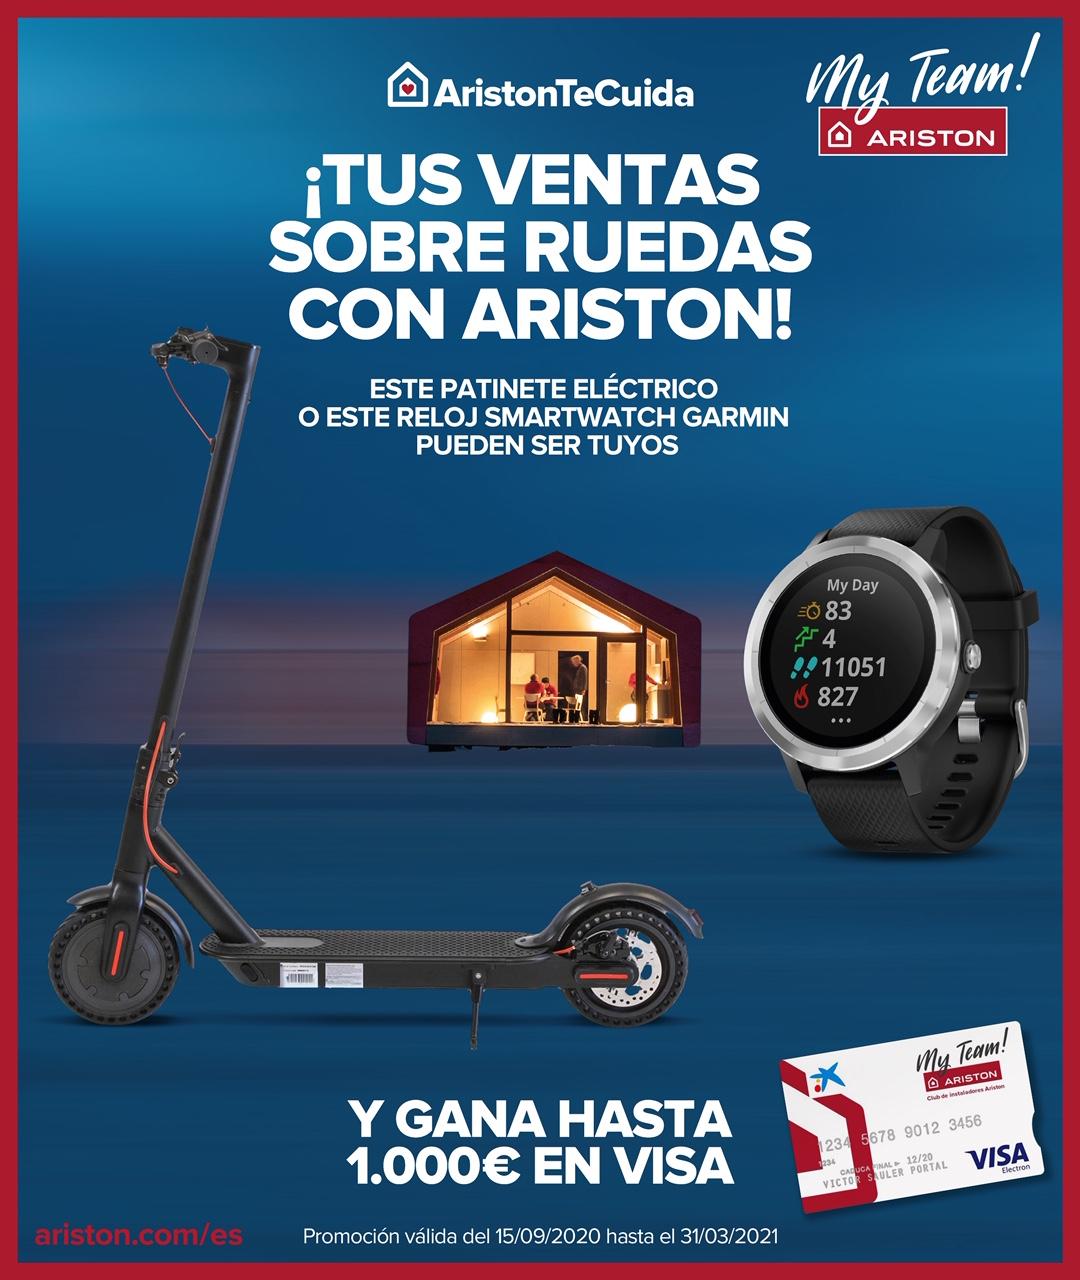 Promoción especial calefacción: ¡tus ventas sobre ruedas con ARISTON!